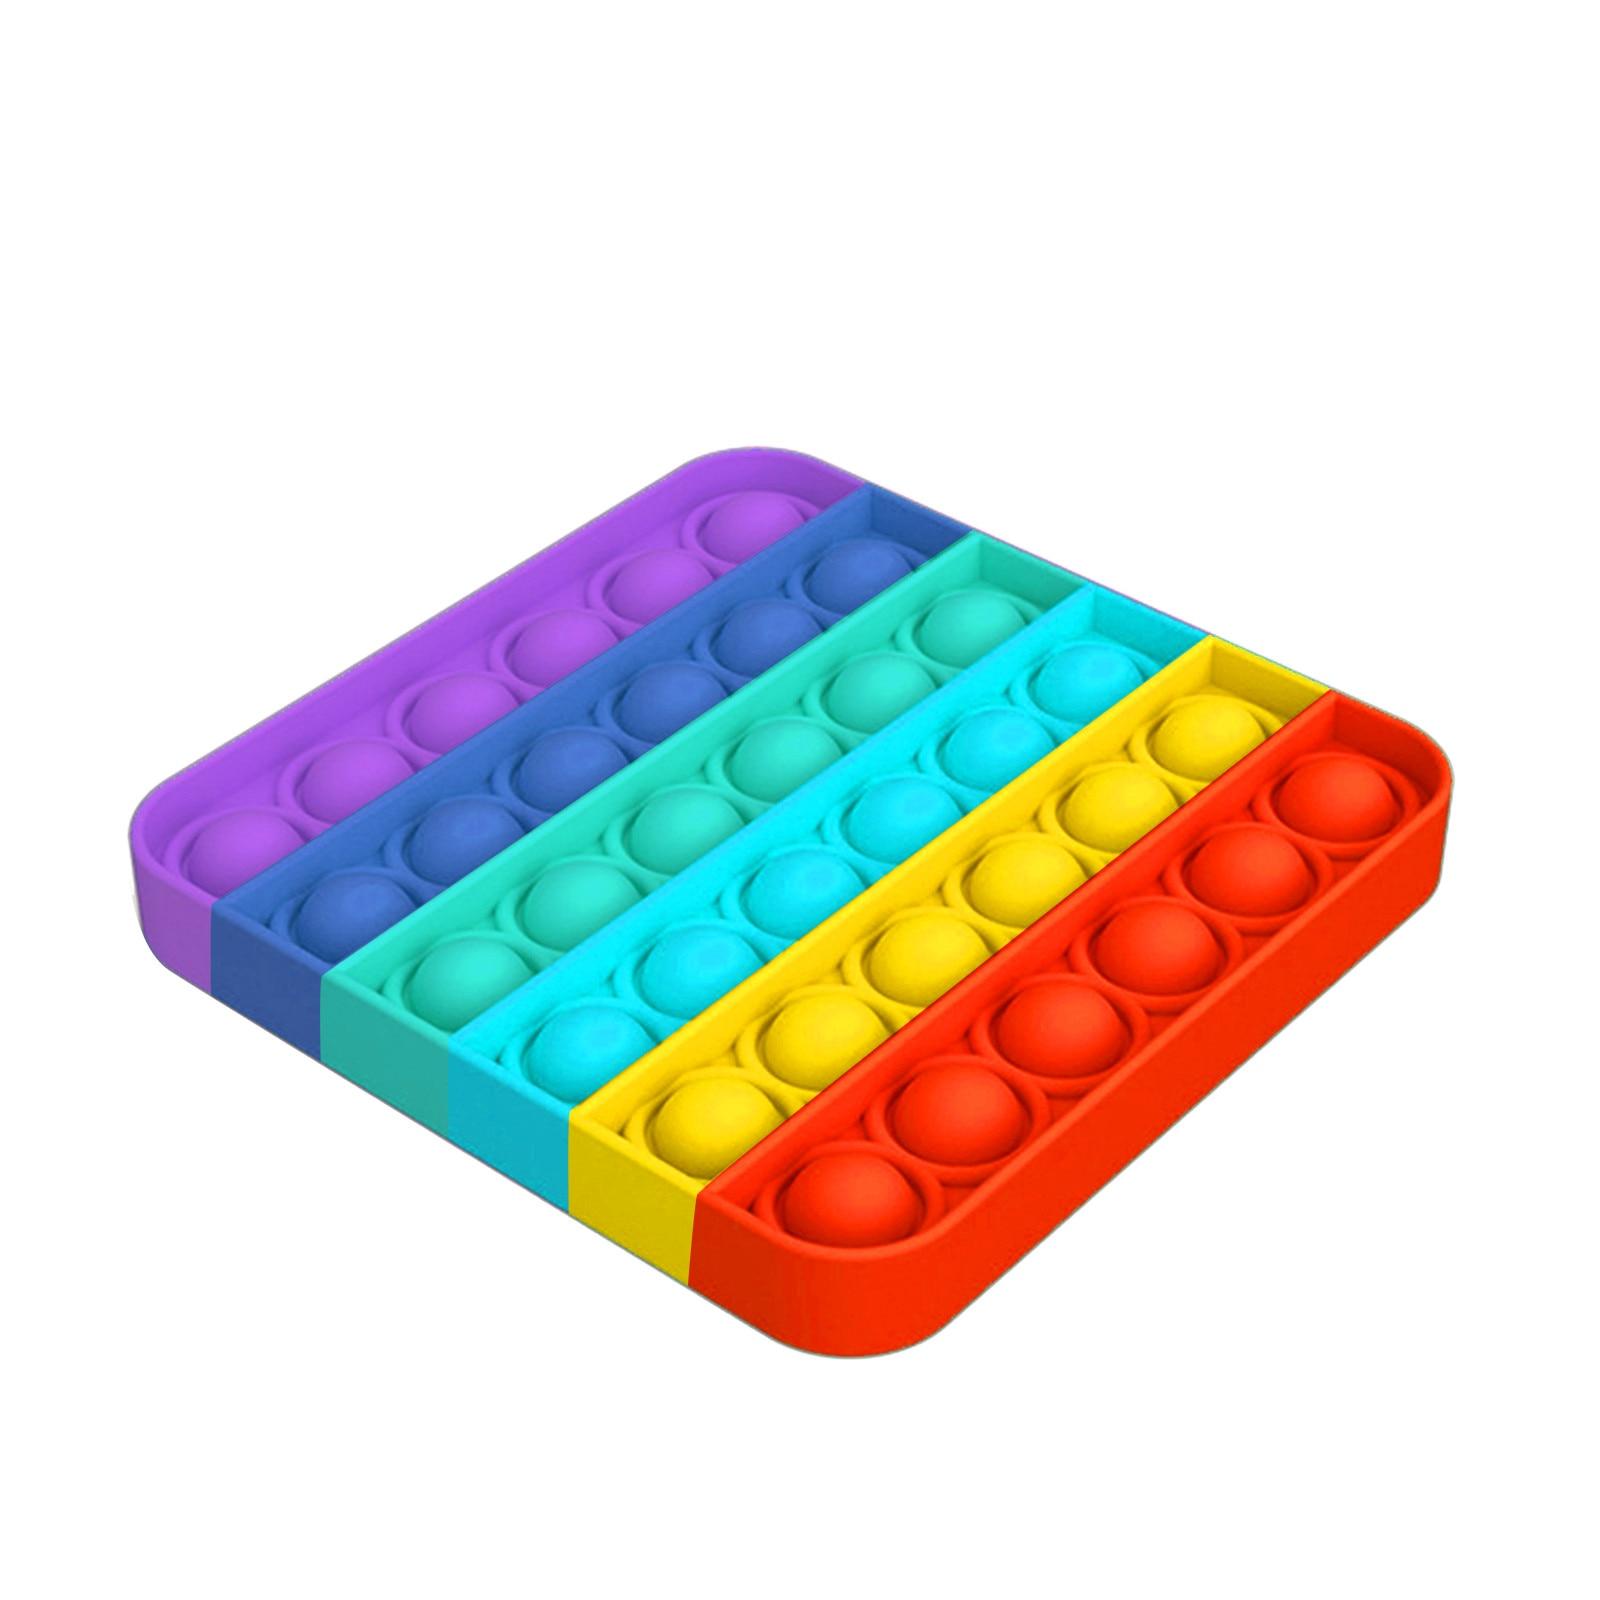 Stress Reliever Toys Bubble-Sensory-Toy Autism Needs Pops-It-Fidget Squishy Push-Pops